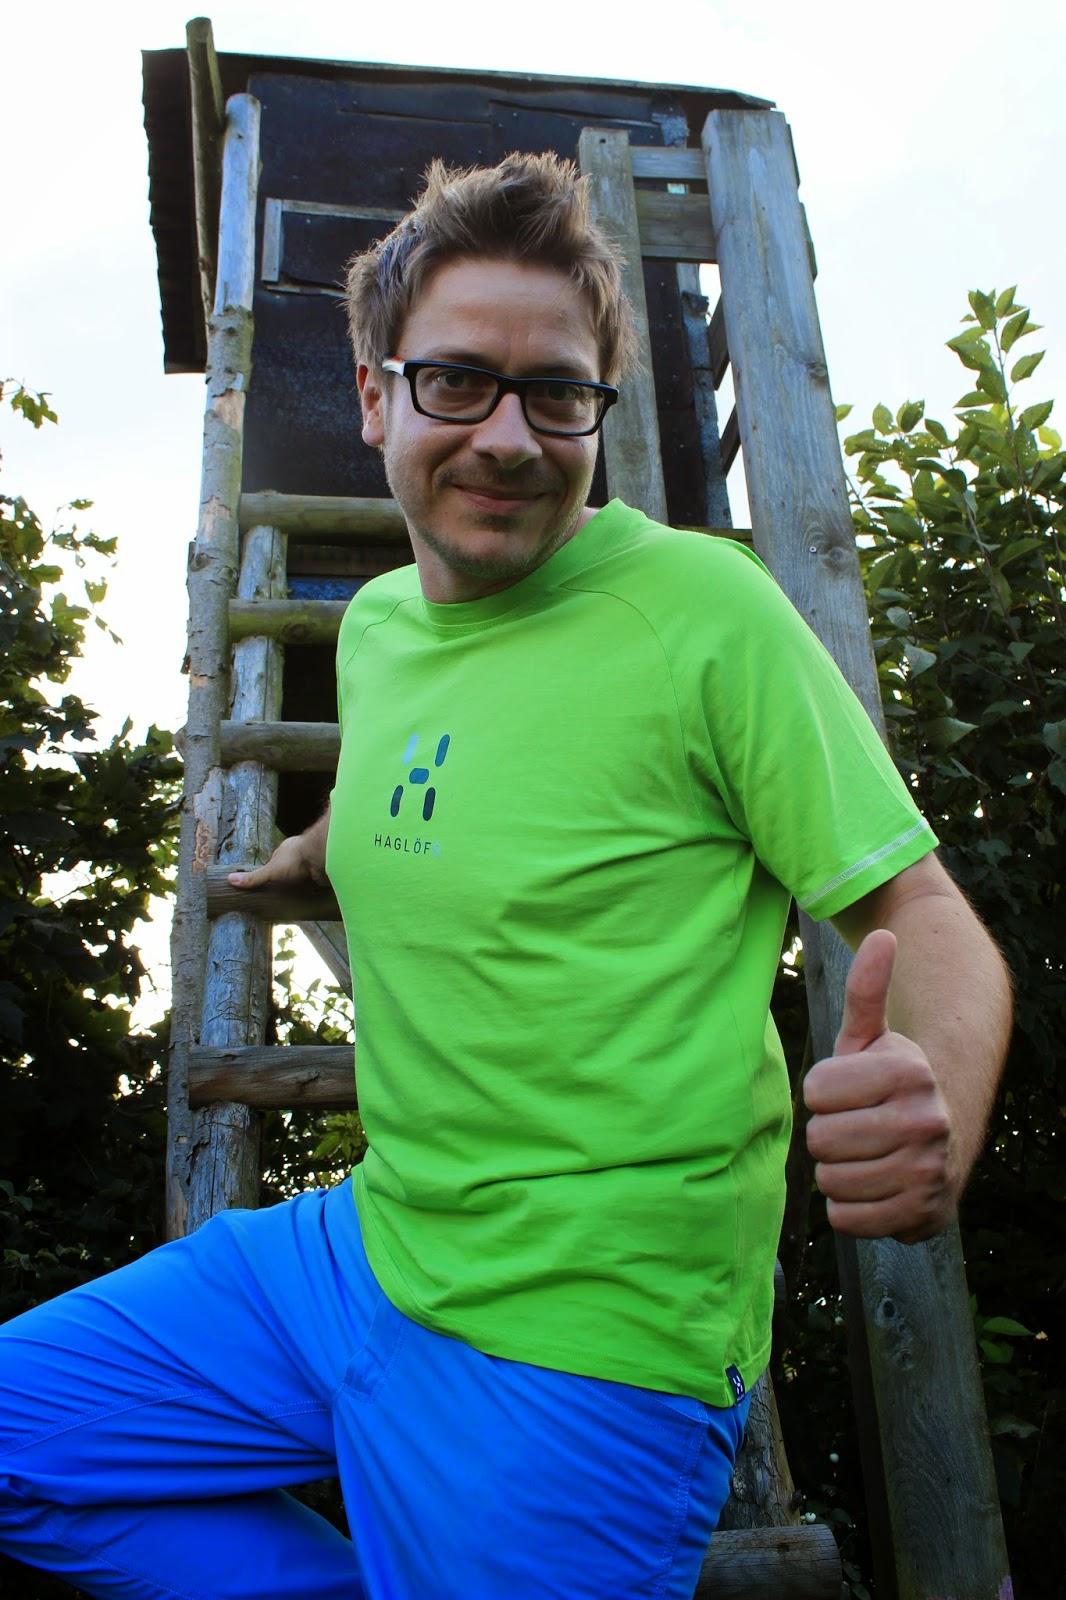 Testbericht Haglöfs Mid Trail Pant und Haglöfs Apex Logo Tee – Outdoorbekleidung die Braun und Grau den Stinkefinger zeigt